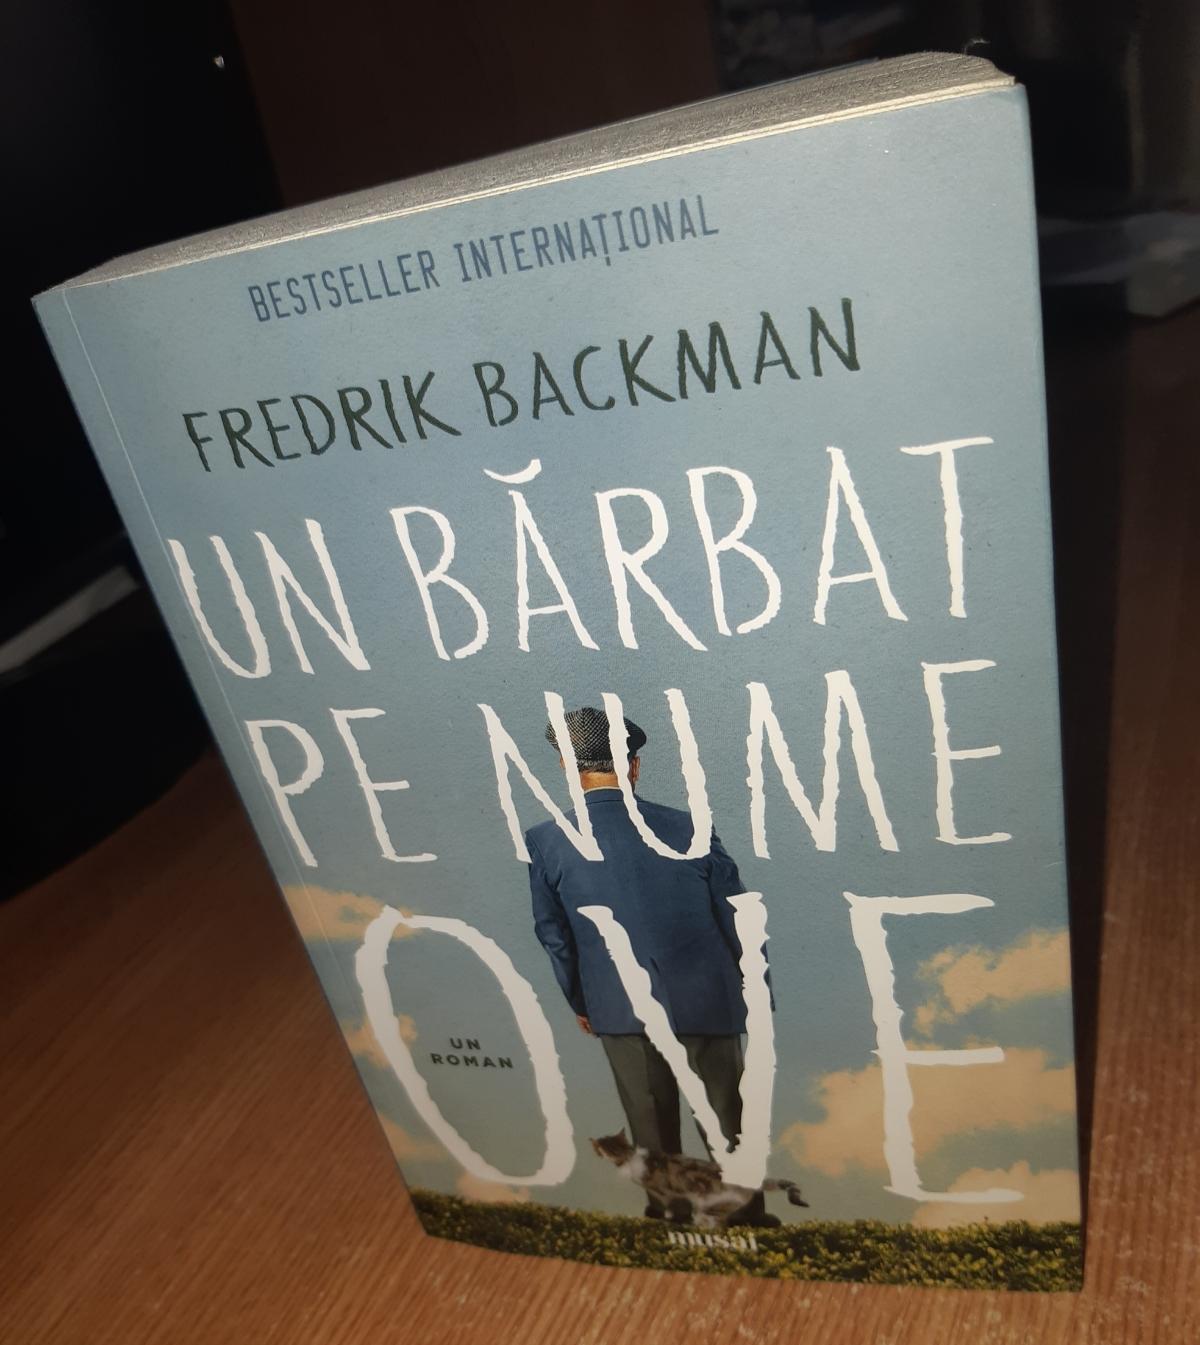 """Fredrik Backman – """"Un bărbat pe numeOve"""""""